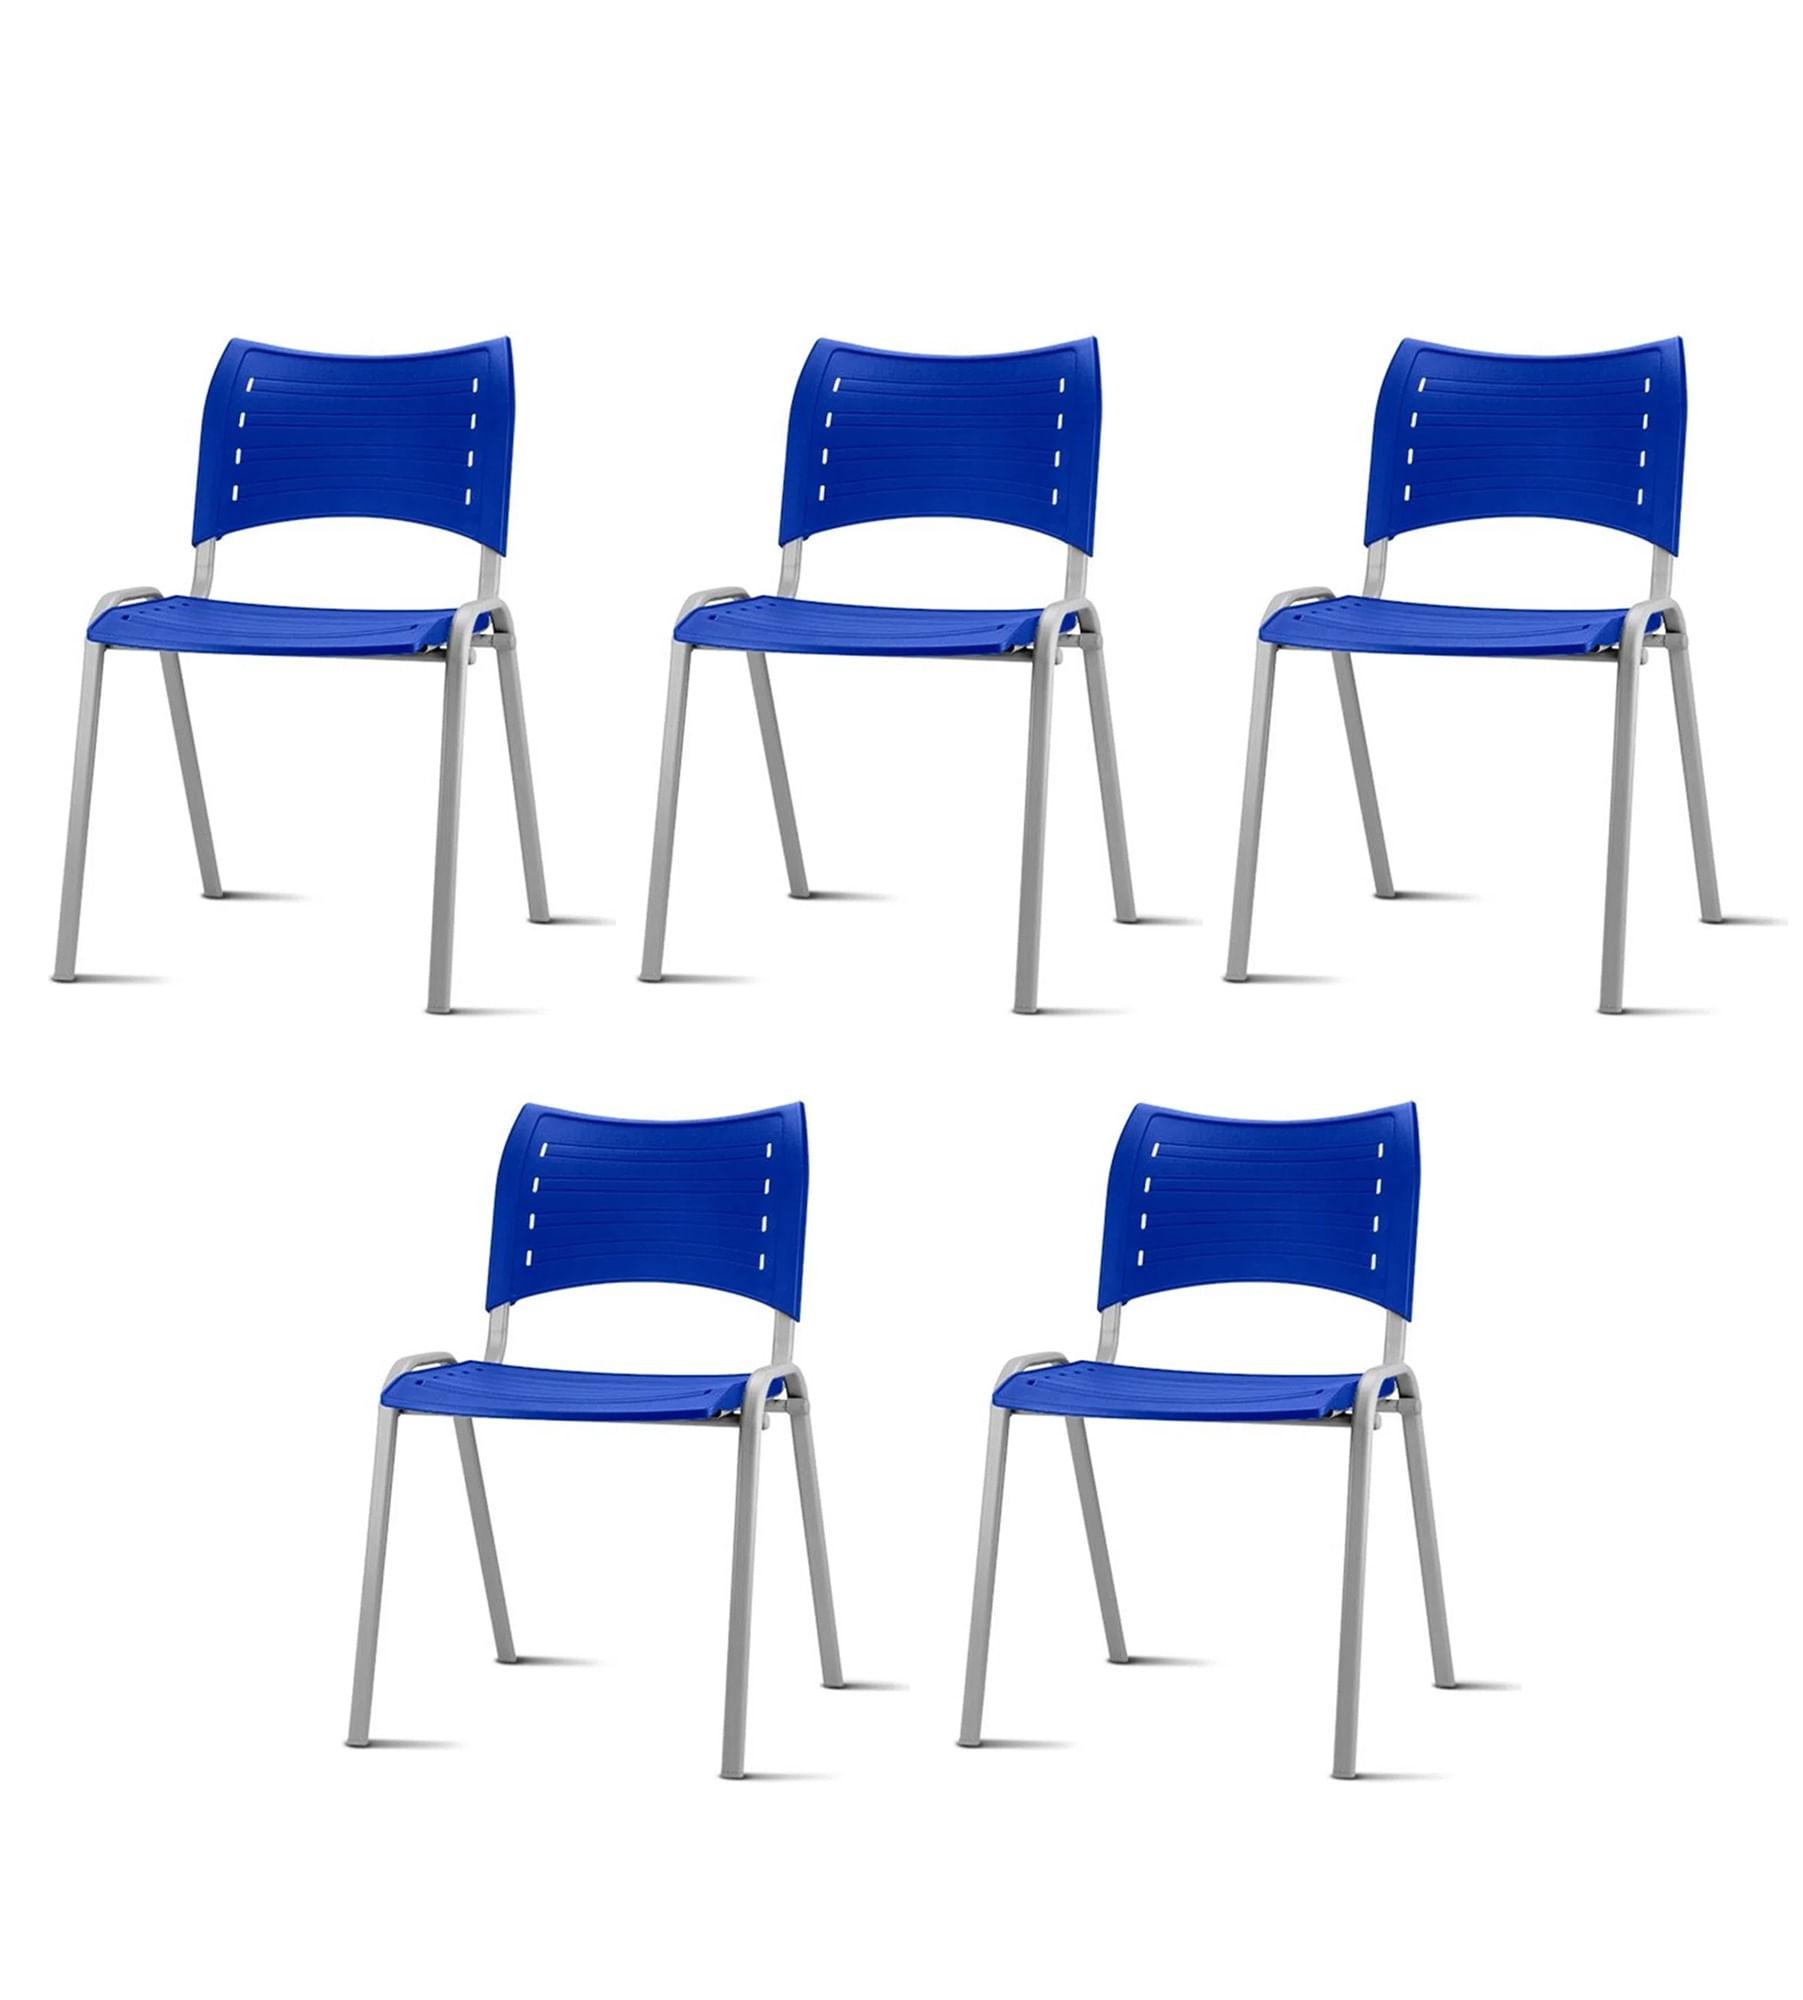 Kit 5 Cadeiras Iso Assento Azul Base Cinza - 57937